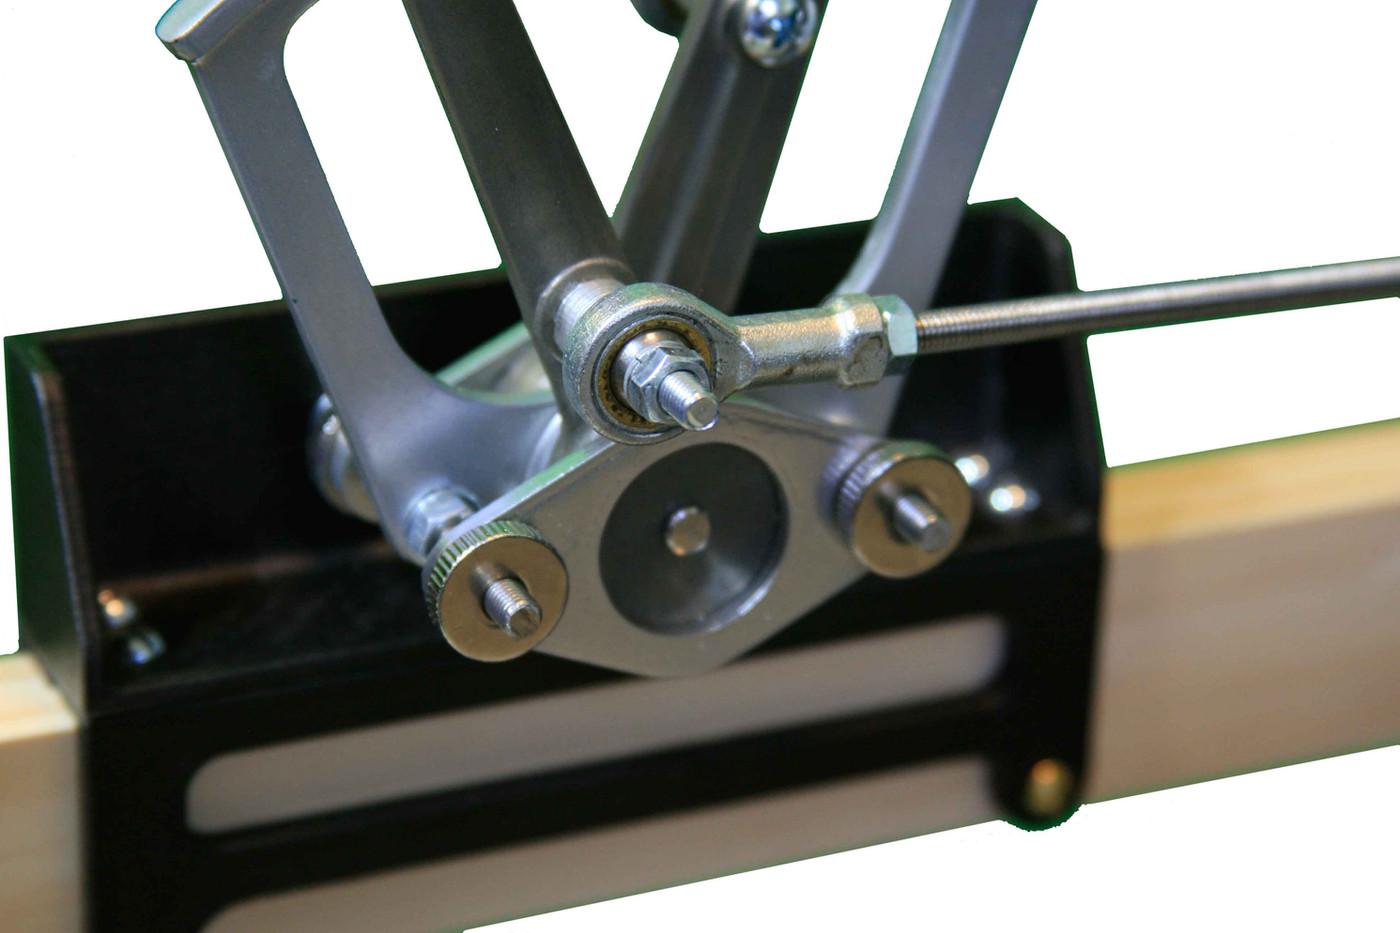 Adjustable Tension Plates